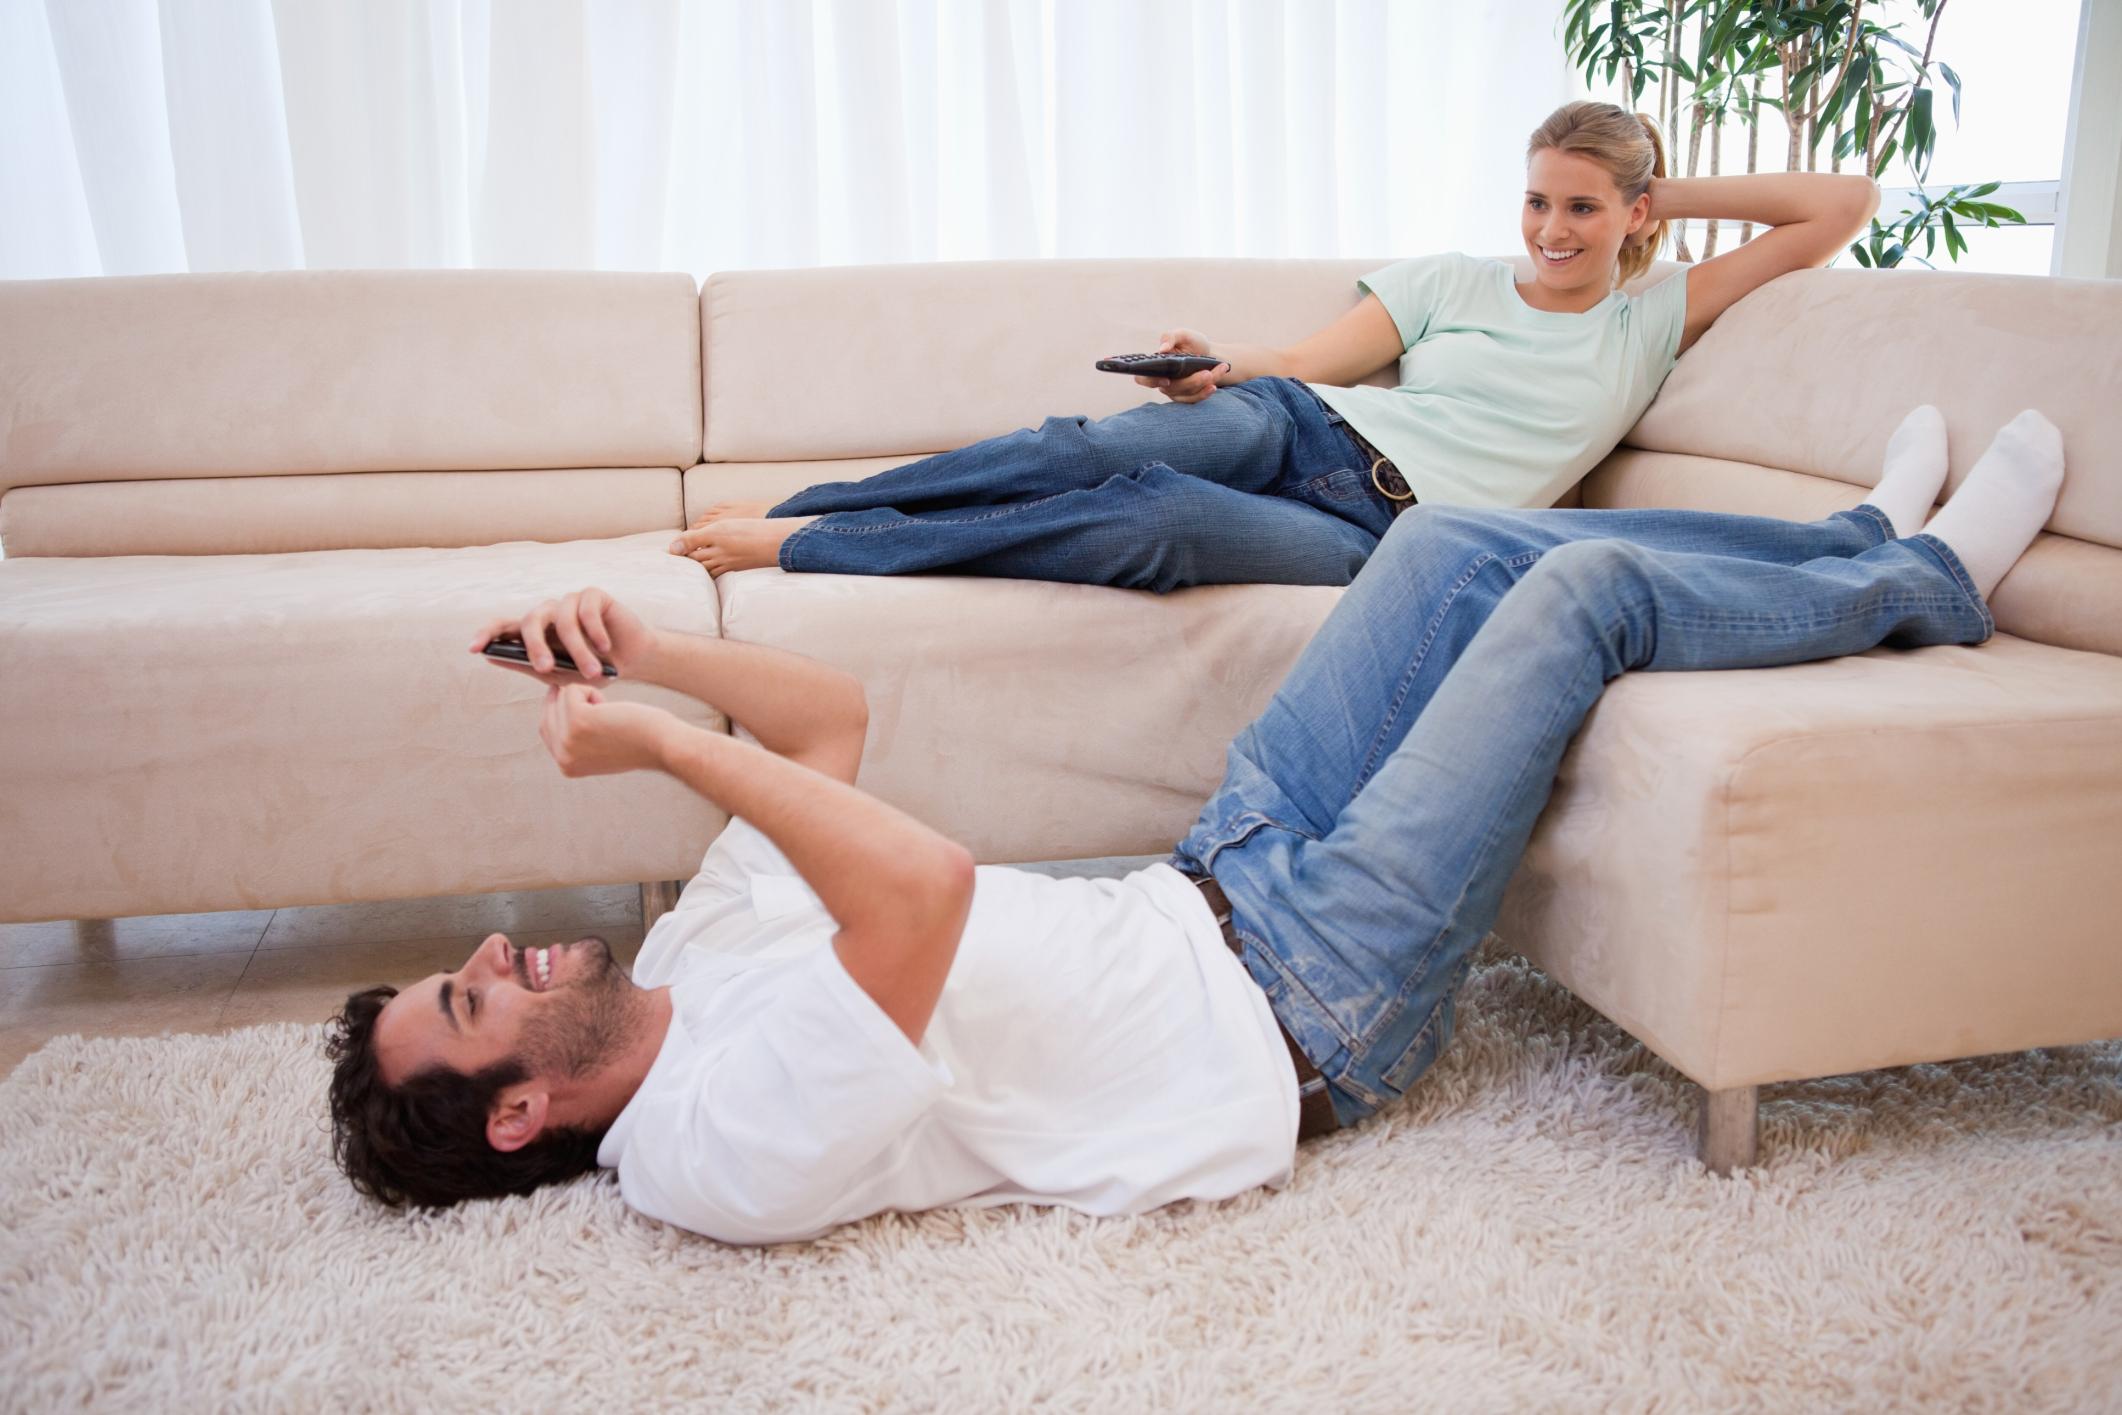 Трахнул пока муж смотрел футбол с другом, Жена тихо изменяет мужу с его лучшим другом во время 11 фотография